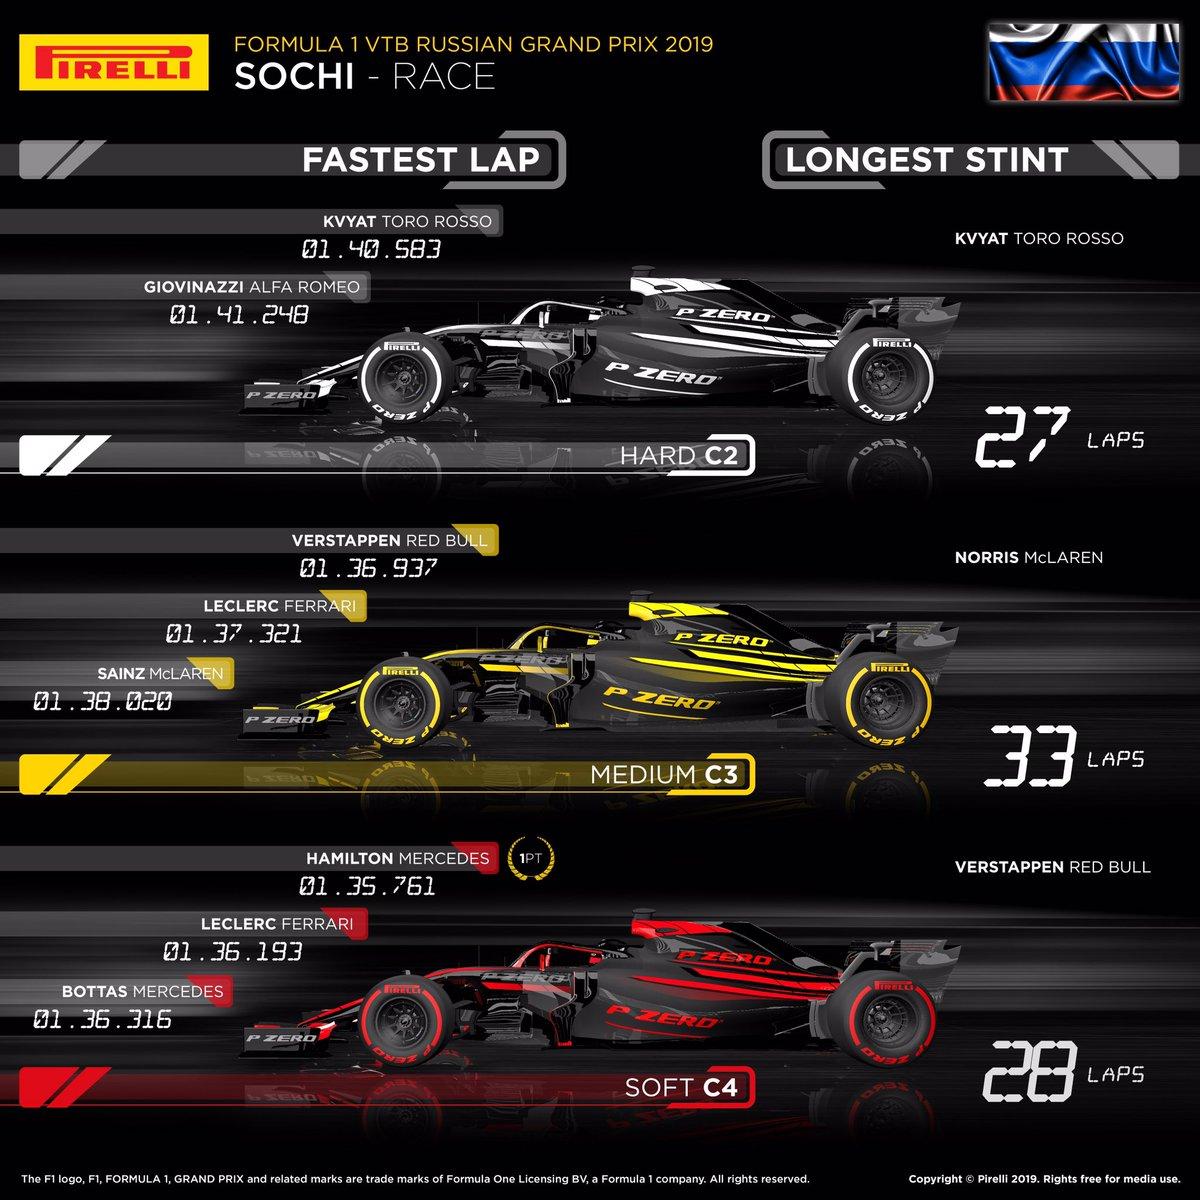 ピレリ 2019年 F1ロシアグランプリ